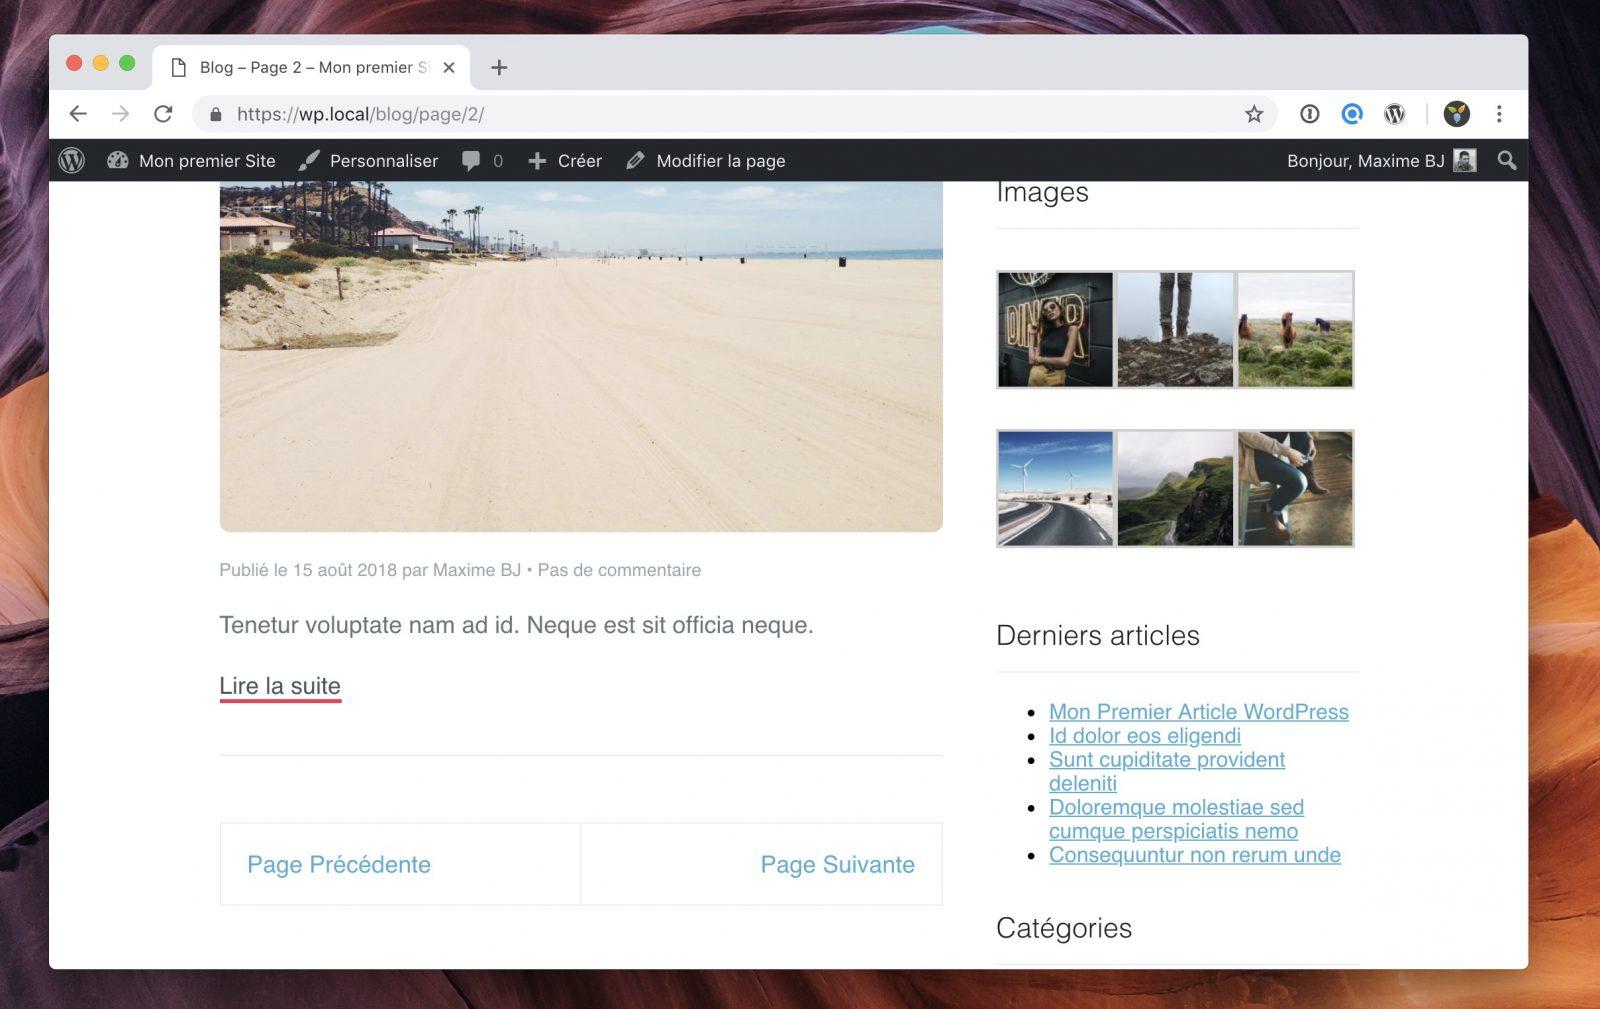 Les liens vers les pages suivante / précédente avec un peu plus de contrôle sur le CSS